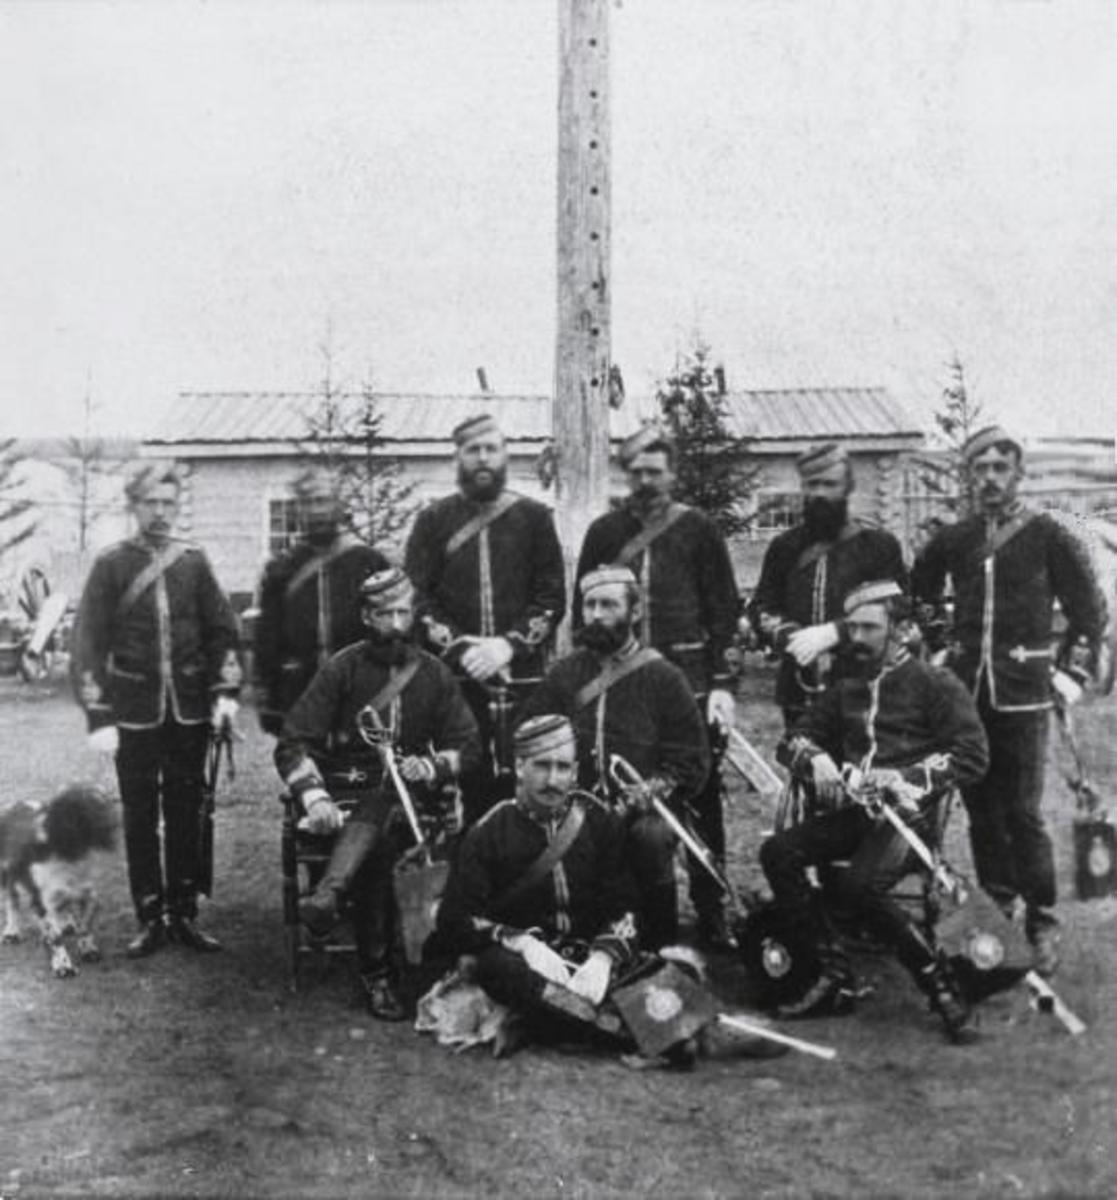 Mounties at Fort Walsh, Saskatchewan 1878.